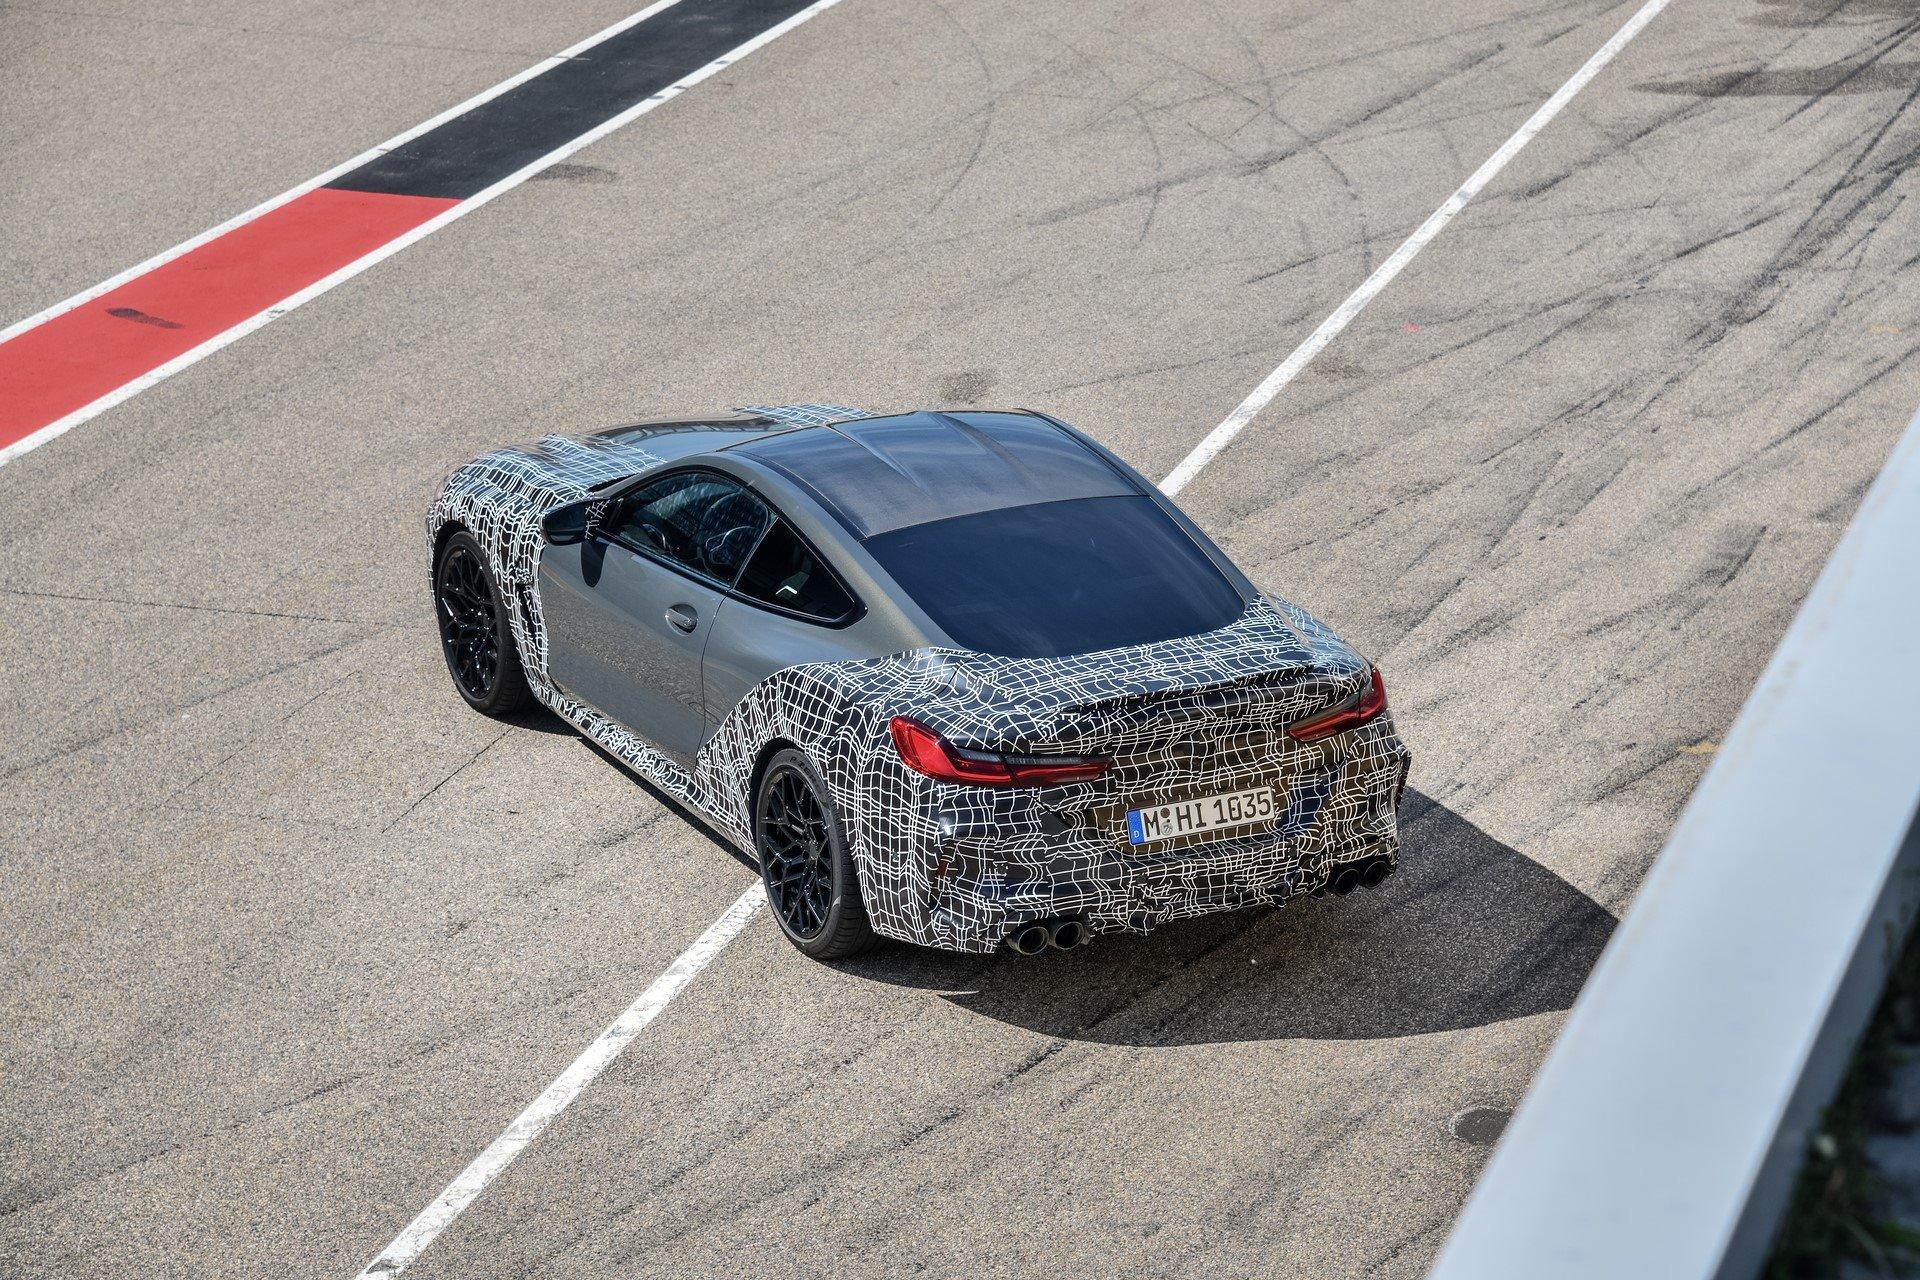 BMW-M8-spy-photos-11